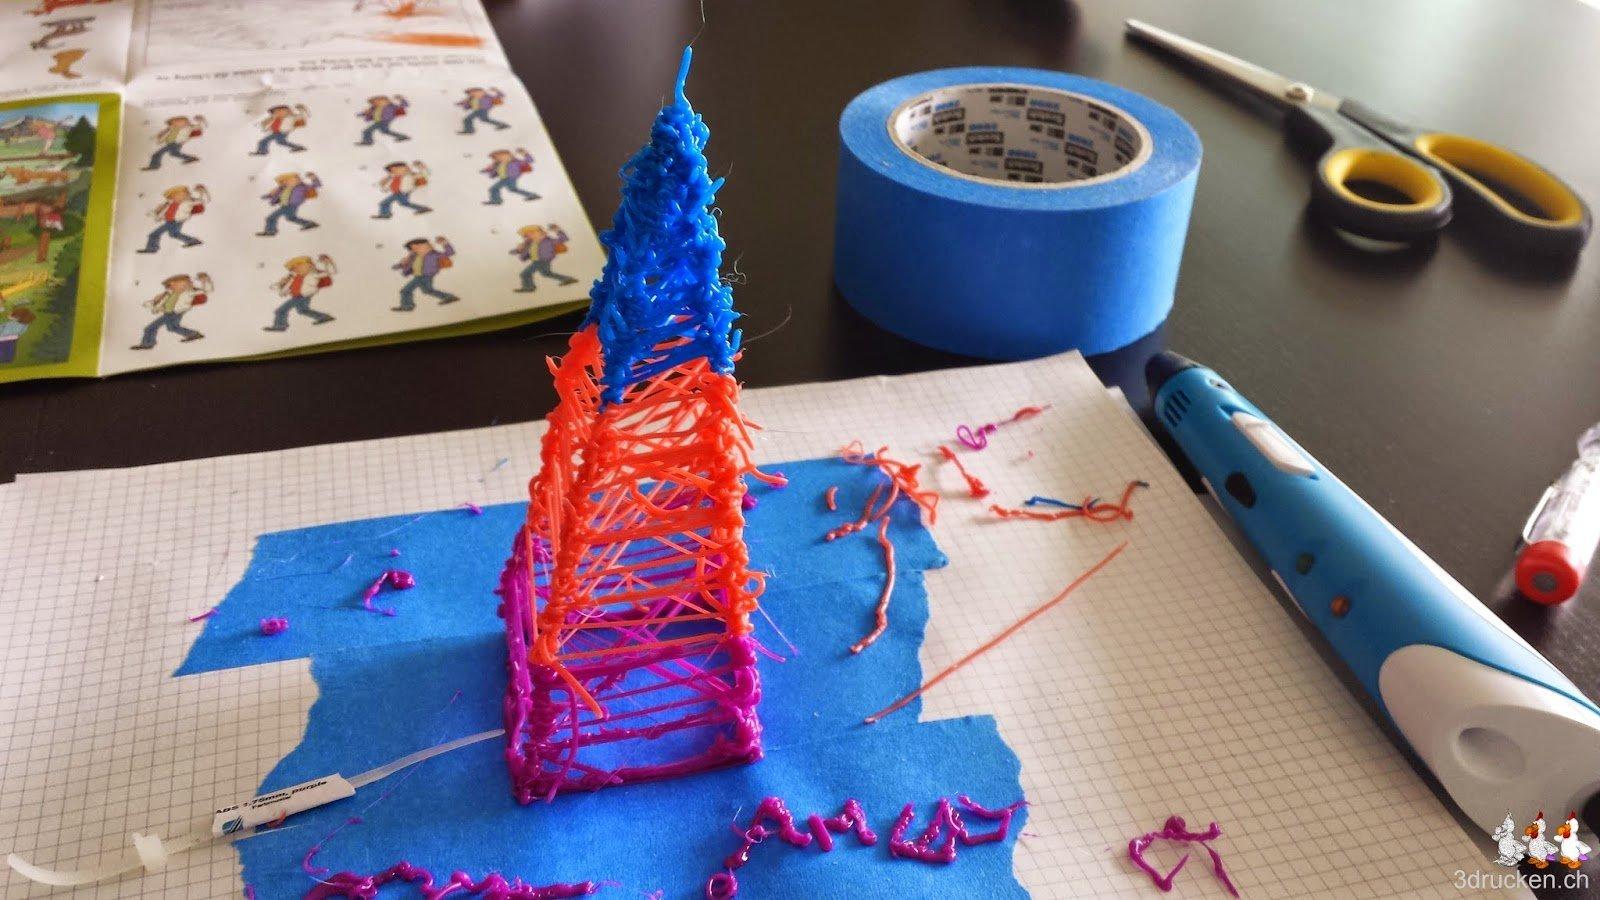 Foto des aus verschiedenen Farben mit dem 3D-Druckstift gedruckten Turms